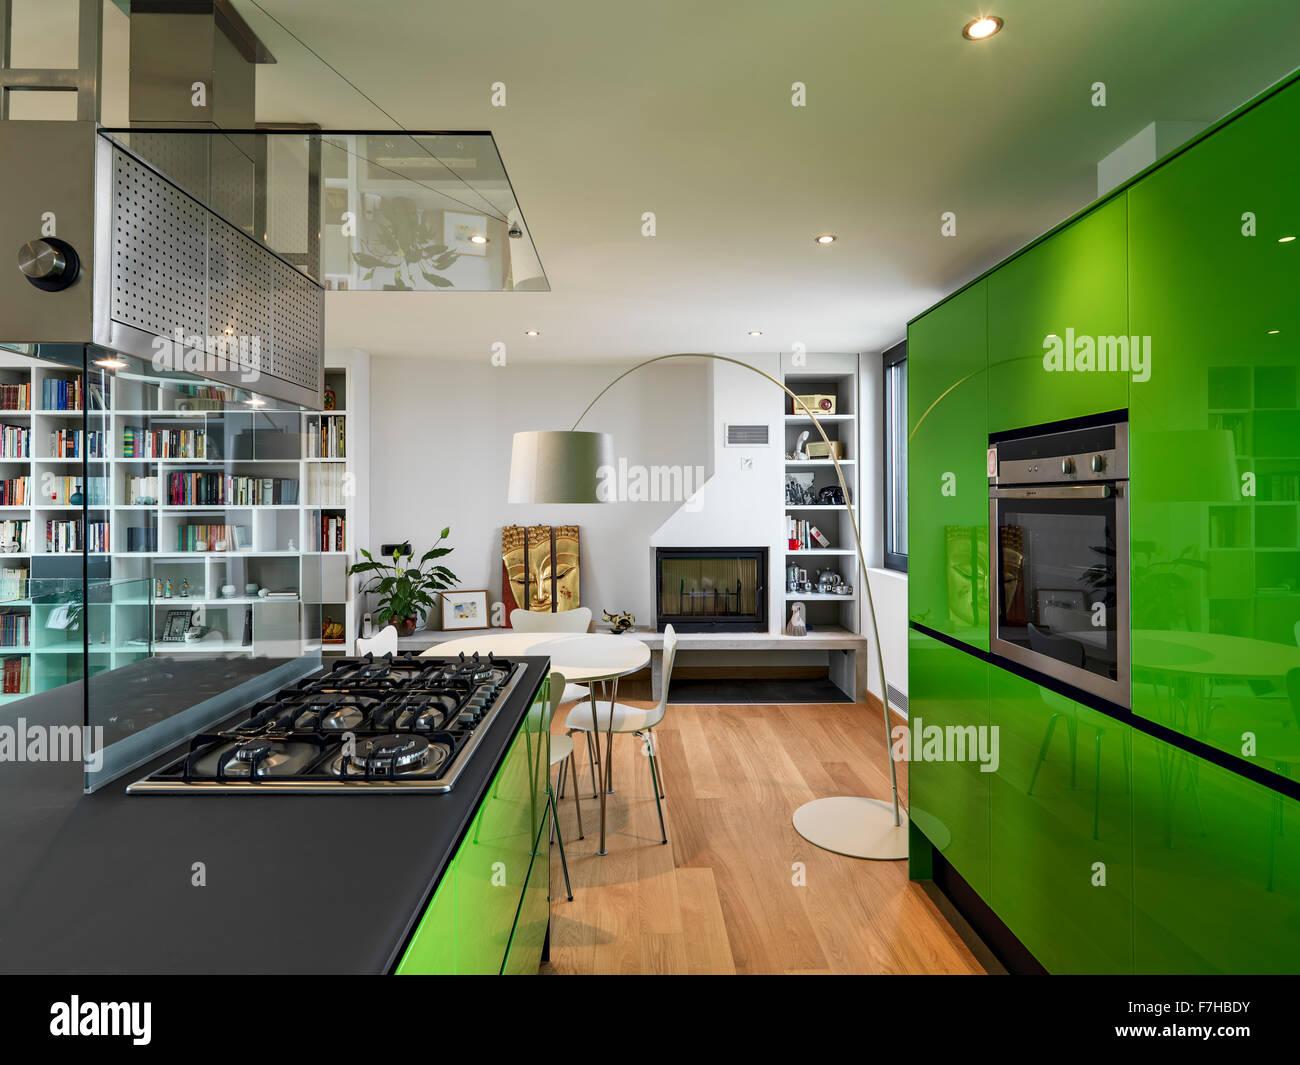 Grüne Küche mit Kochinsel in der Dachkammer mit Holzboden und Kamin ...